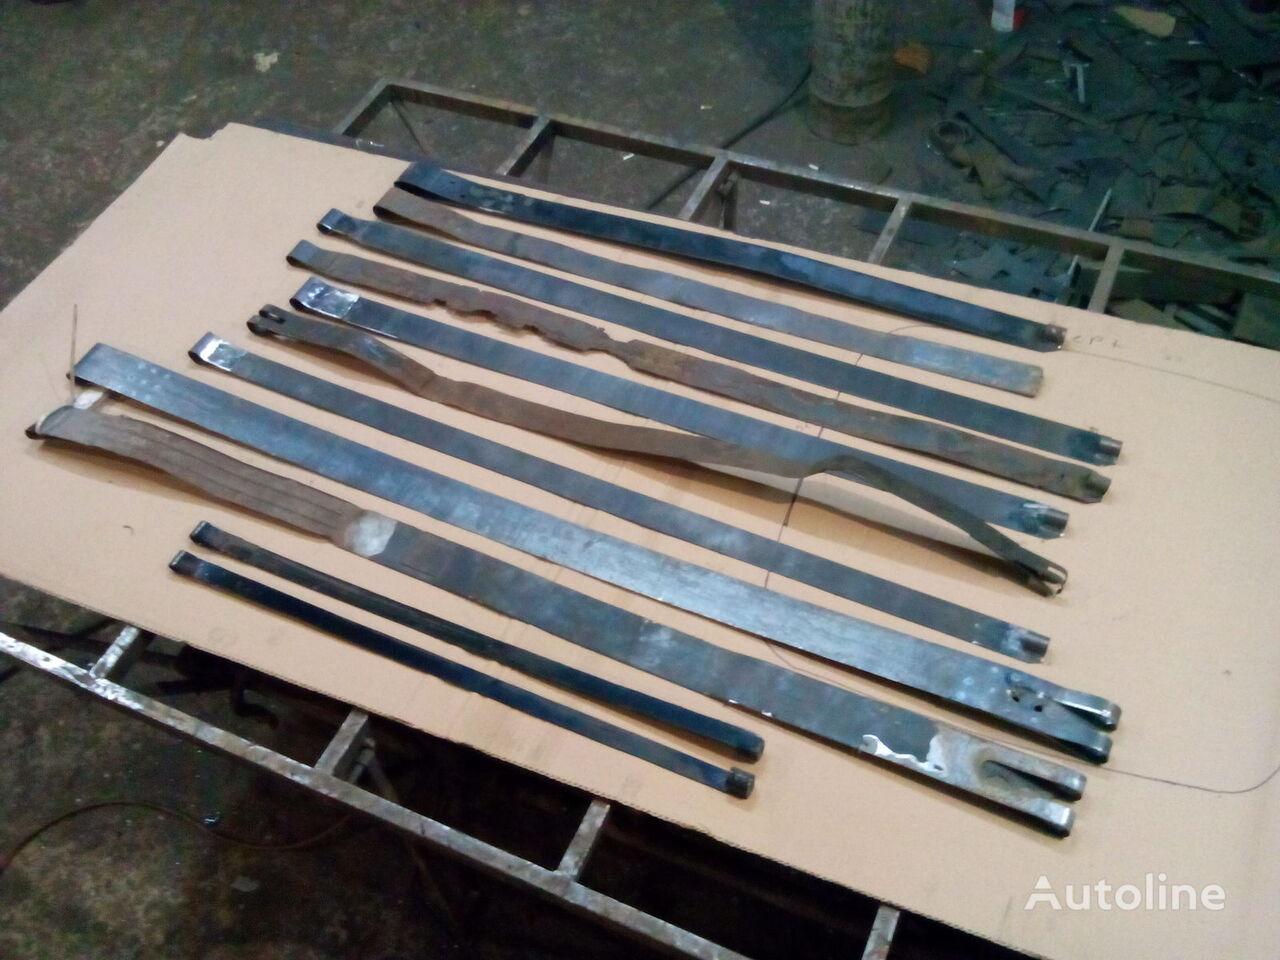 VOLVO Lenty krepleniya toplivnogo baka fasteners for VOLVO Renault Dxi truck